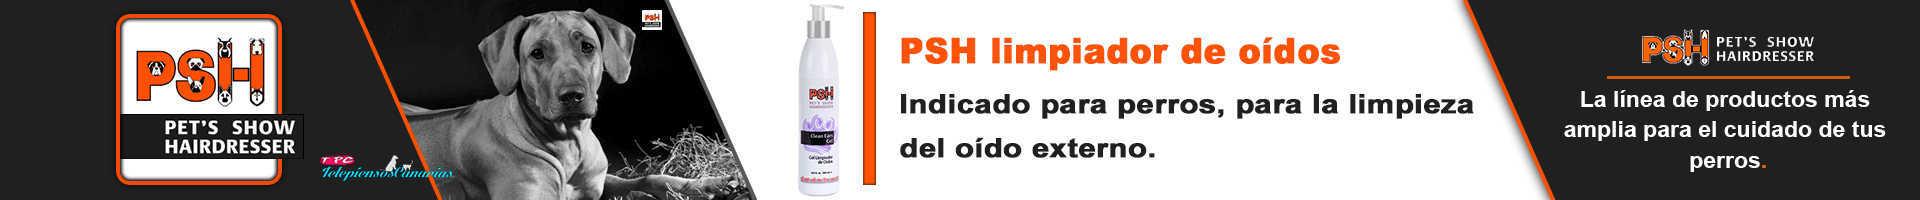 PSH limpiador de oídos para perros, previene enfermedades